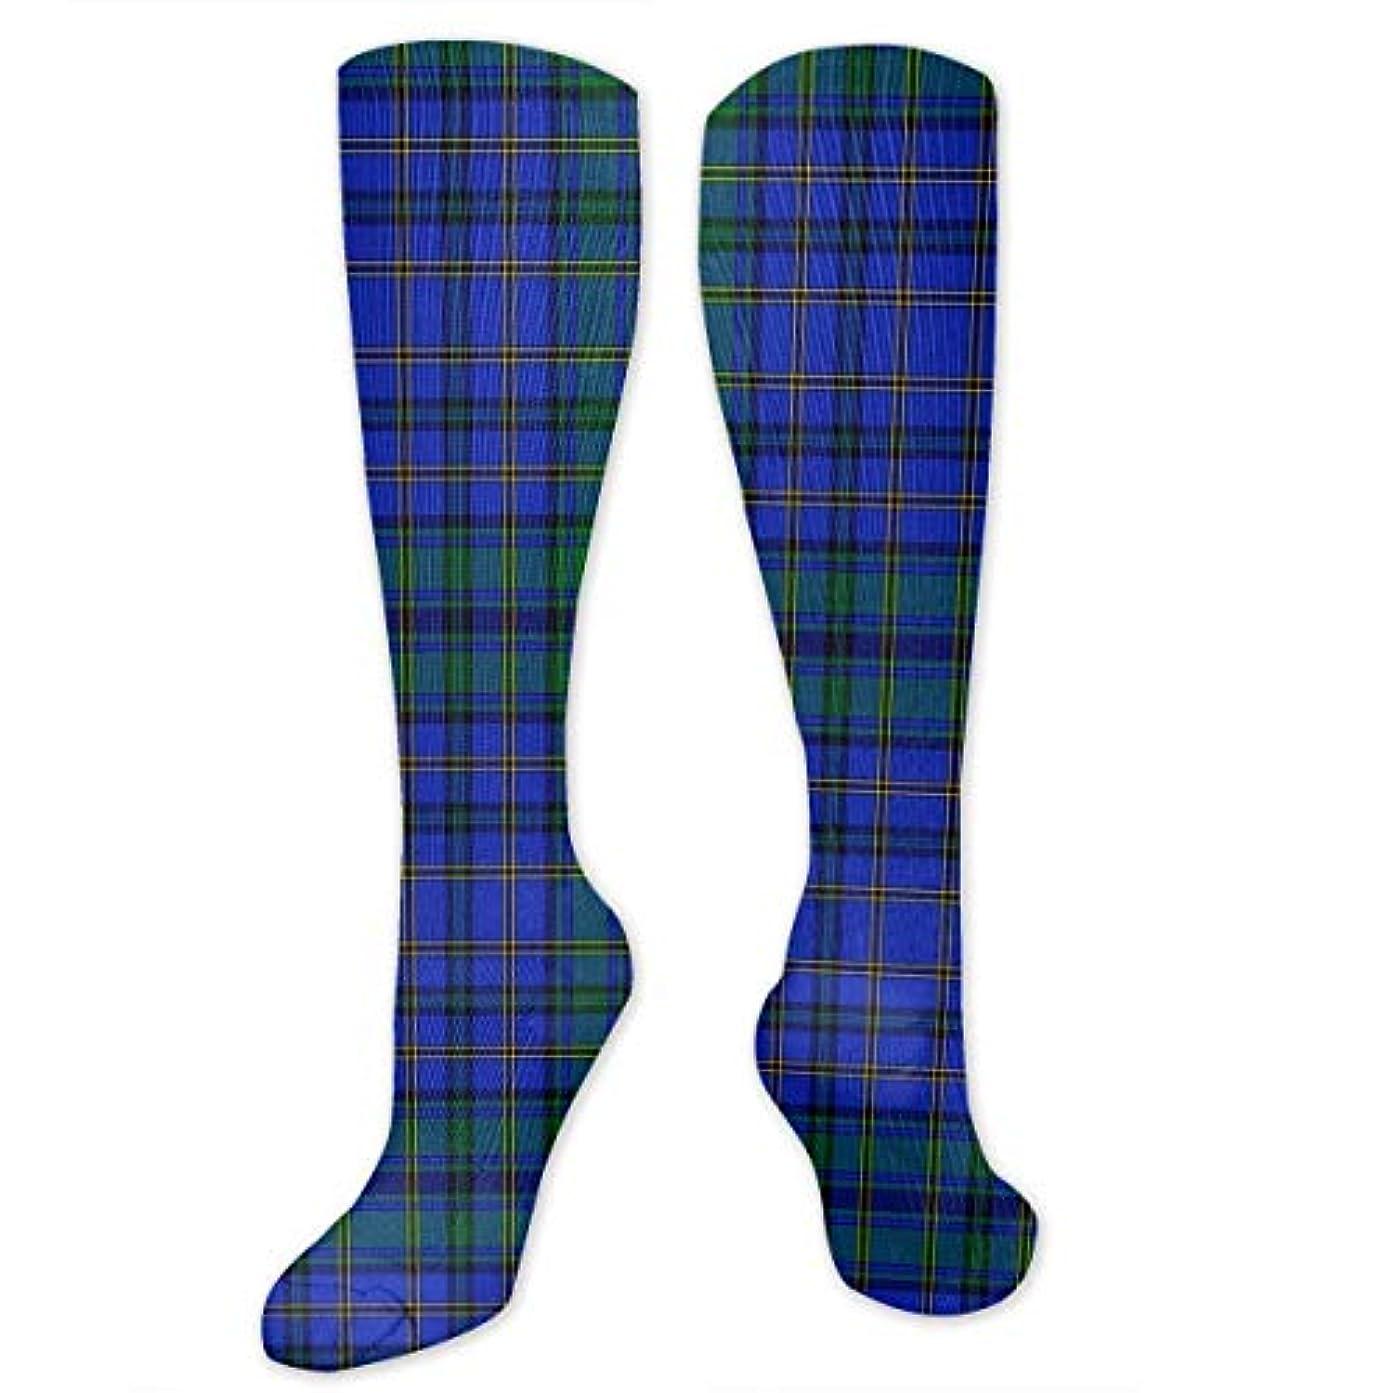 事故品揃えもう一度靴下,ストッキング,野生のジョーカー,実際,秋の本質,冬必須,サマーウェア&RBXAA Hope Weir Tartan Socks Women's Winter Cotton Long Tube Socks Cotton...